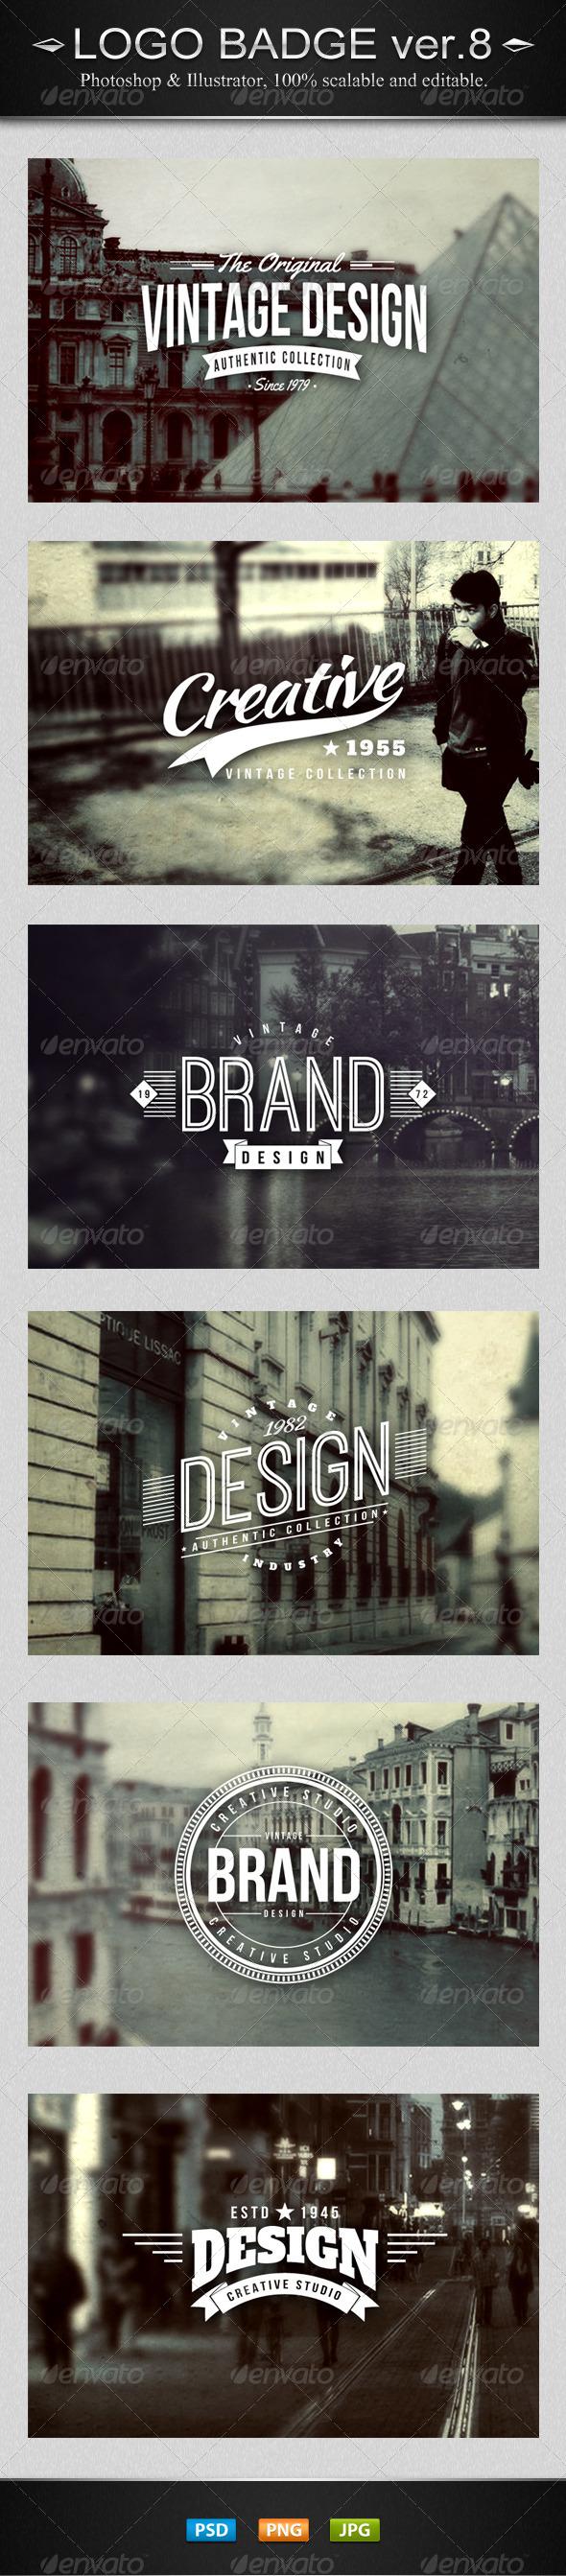 GraphicRiver 6 Vintage Logo Badges Ver.8 7894844